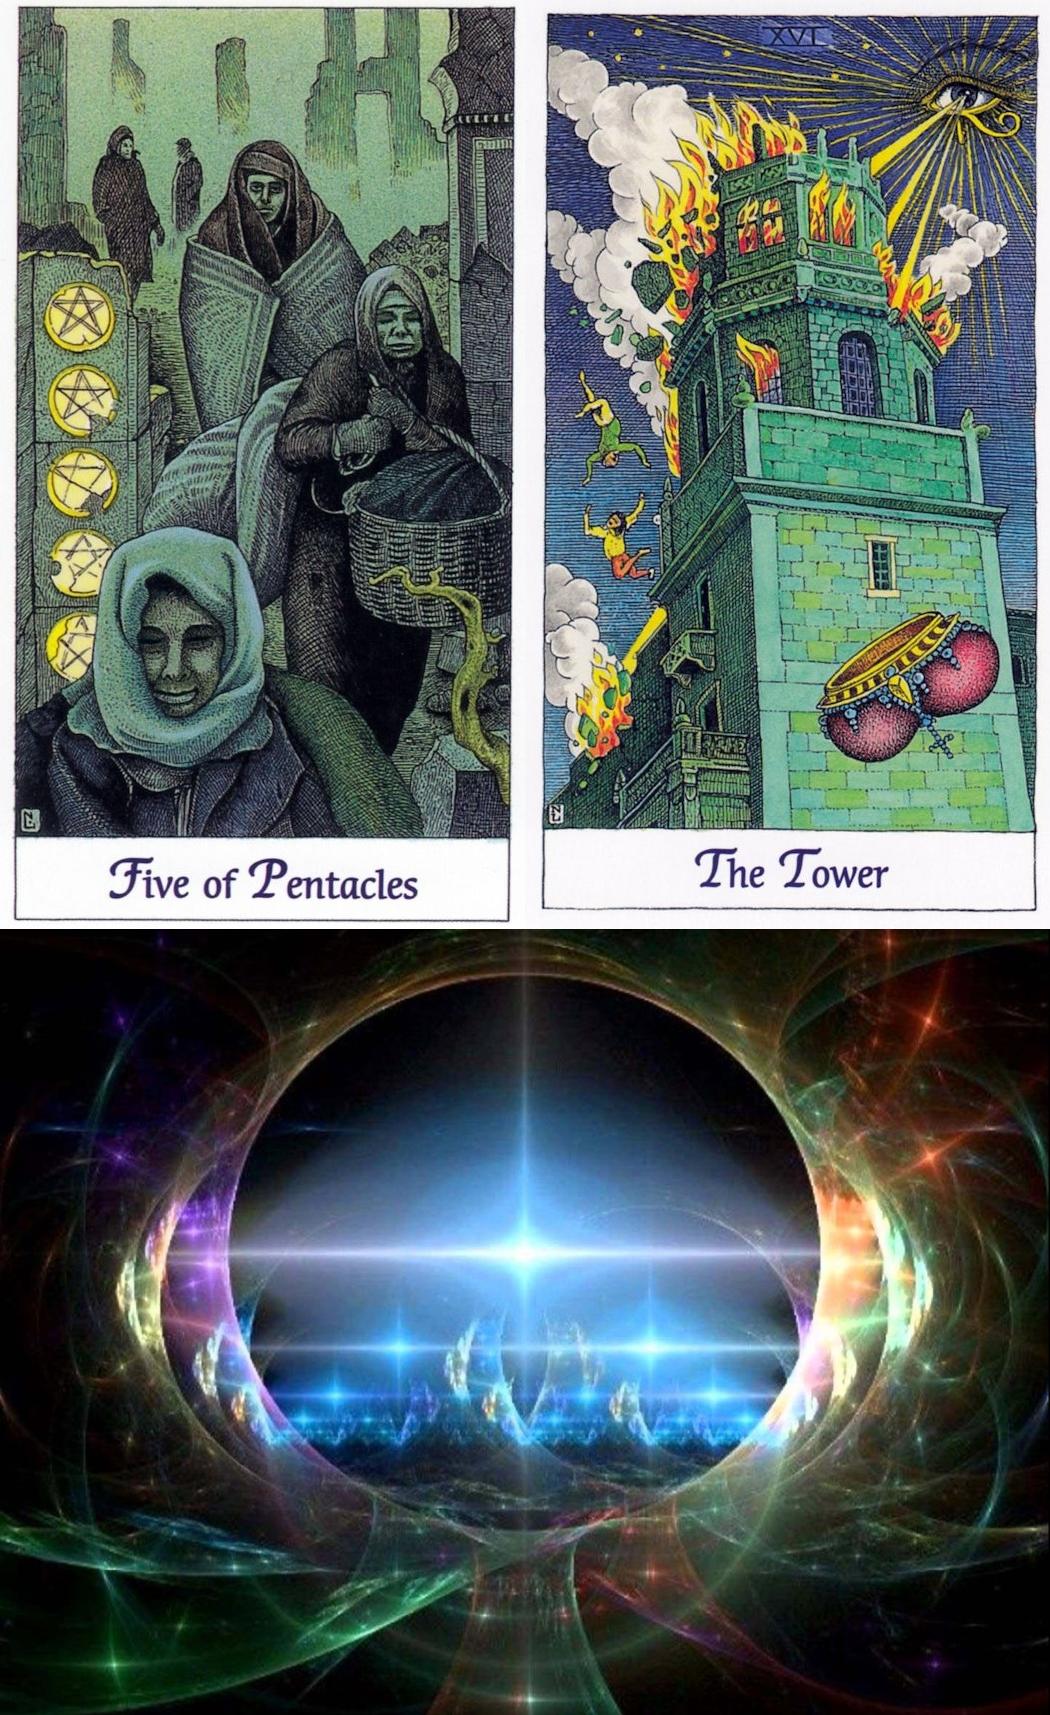 deccan tarot, lotus tarot free reading and pick a tarot card